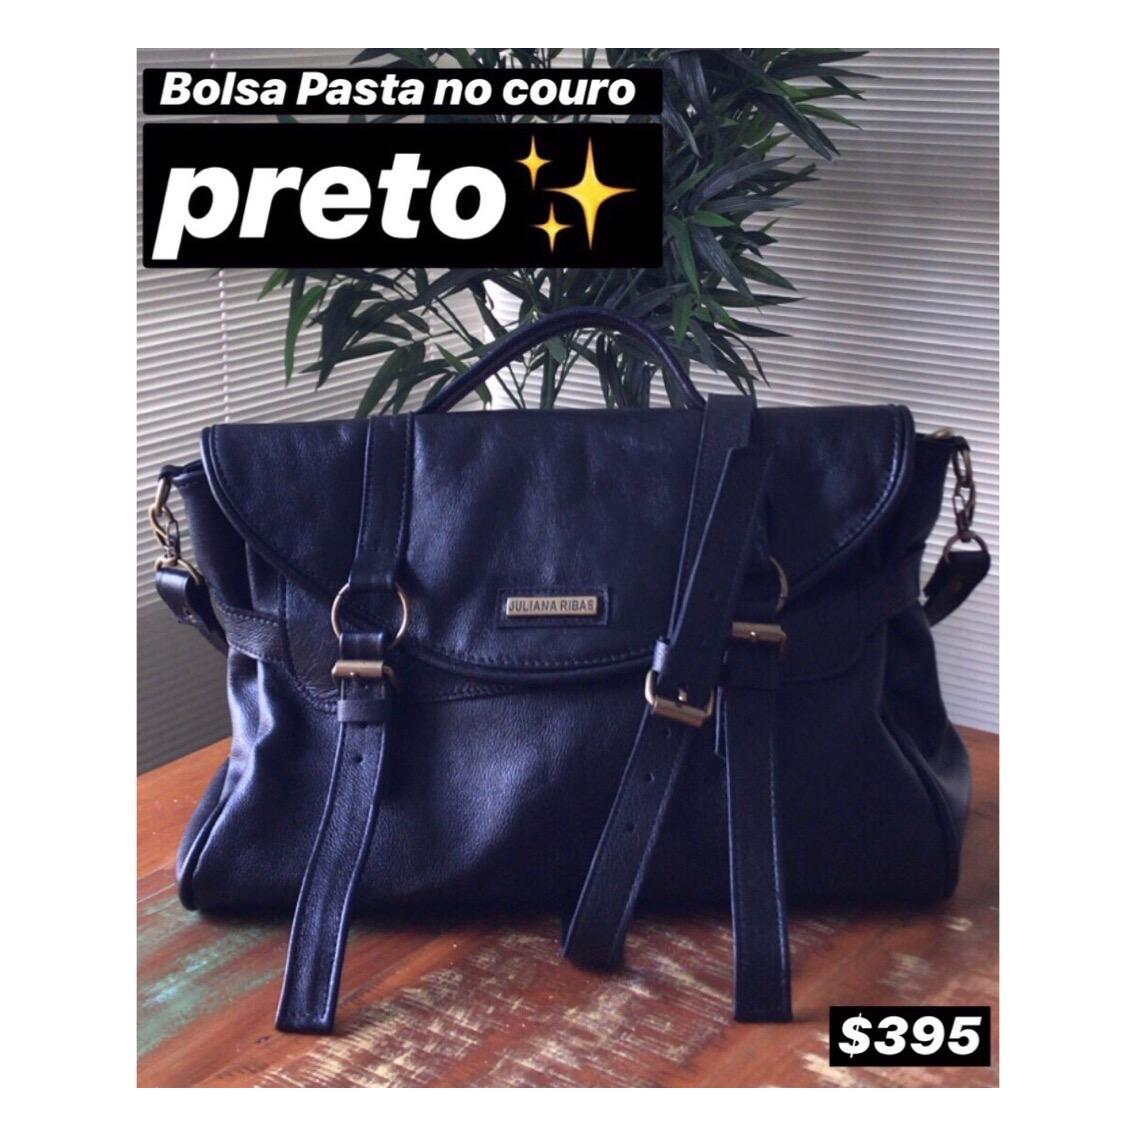 BOLSA PASTA NO COURO PRETO (CÓDIGO: BS20)